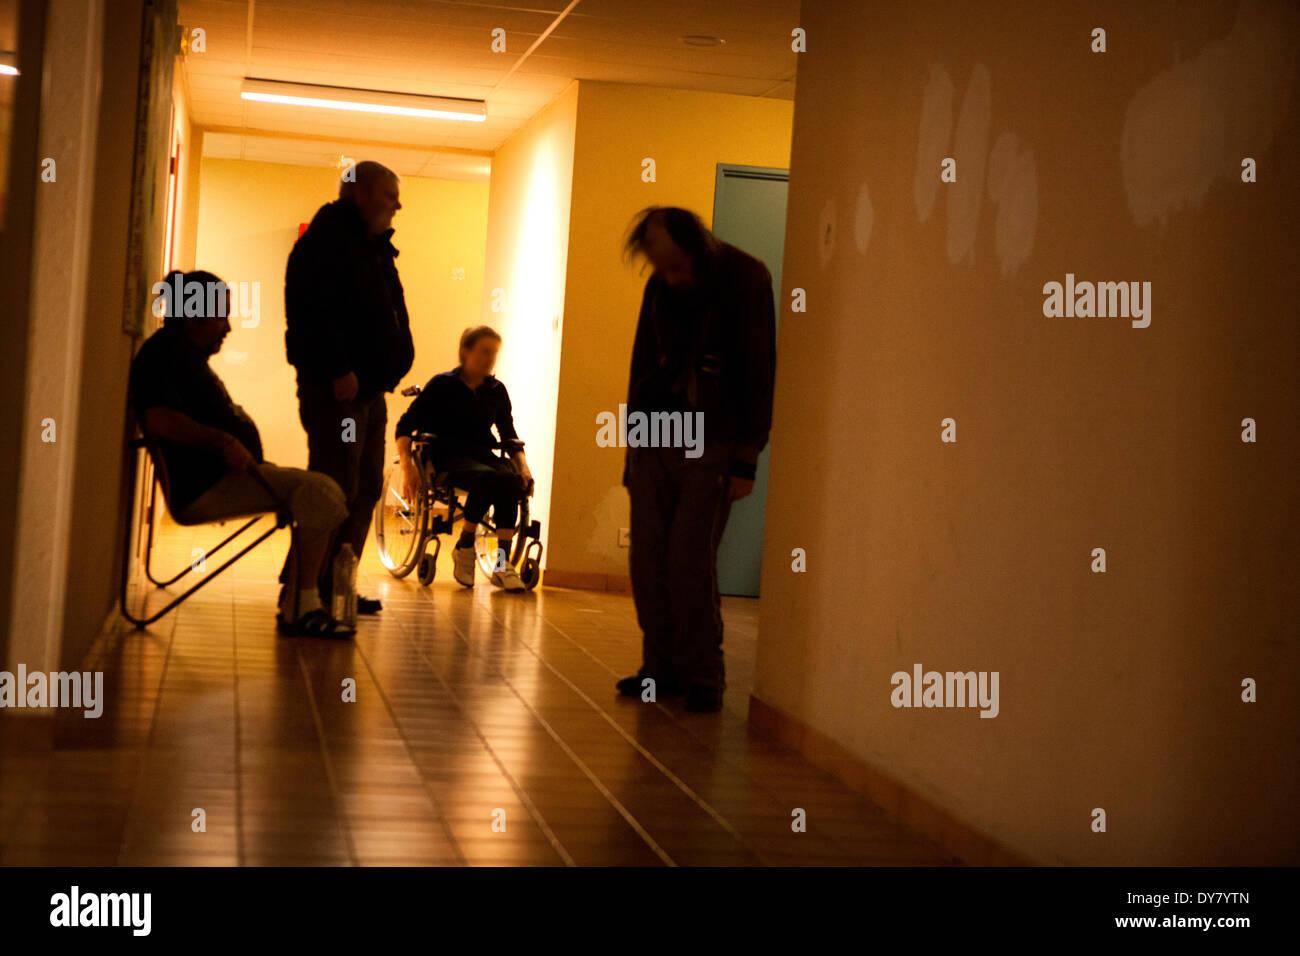 Psychiatric hospital - Stock Image